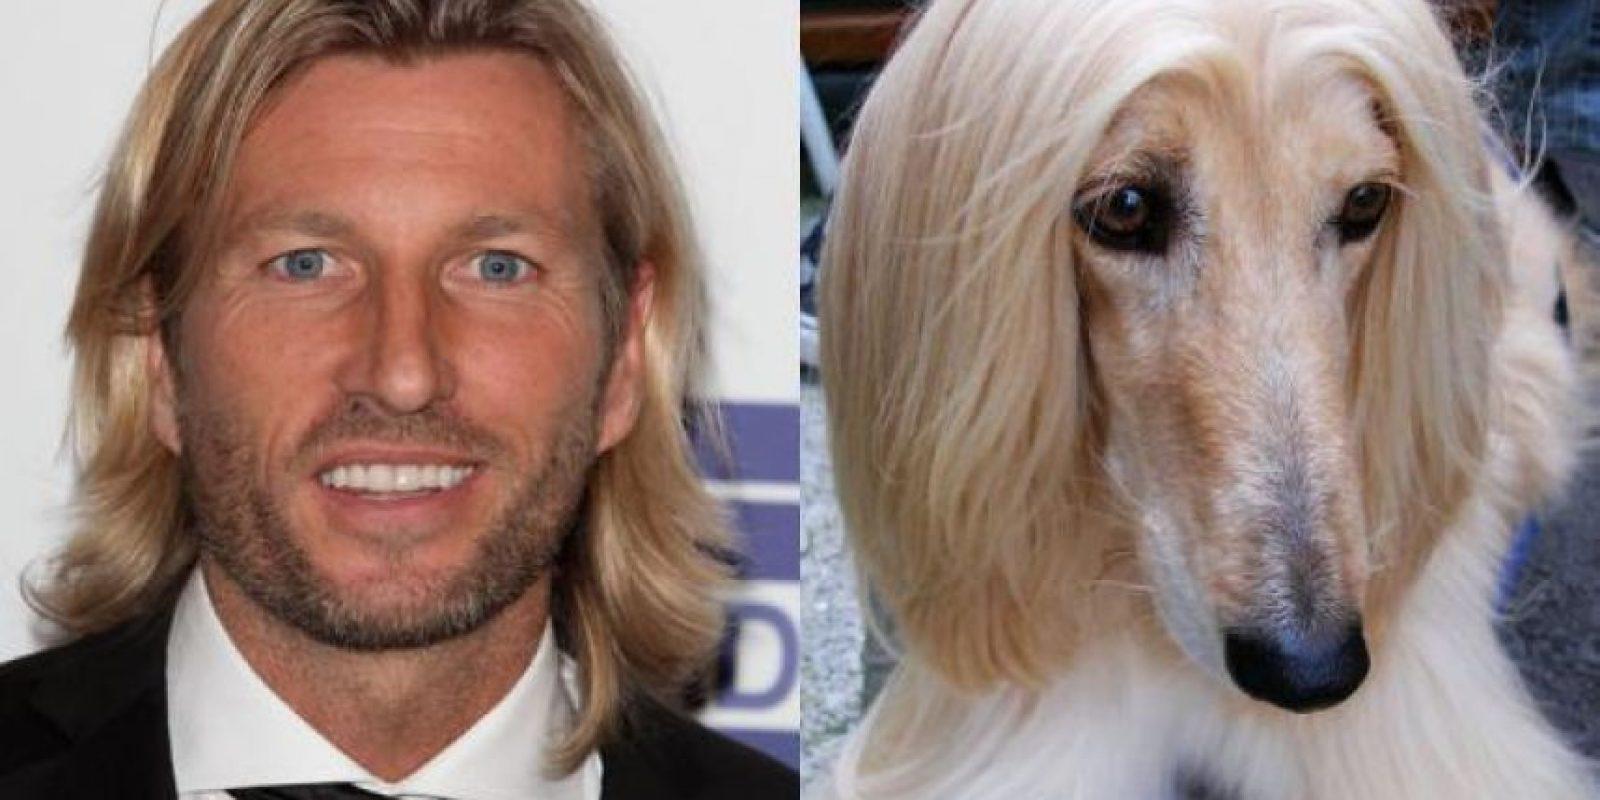 El ex futbolista galés Robbie Savage tiene el mismo cabello que este perro de raza lebrel afgano. Foto:http://footyjokes.net